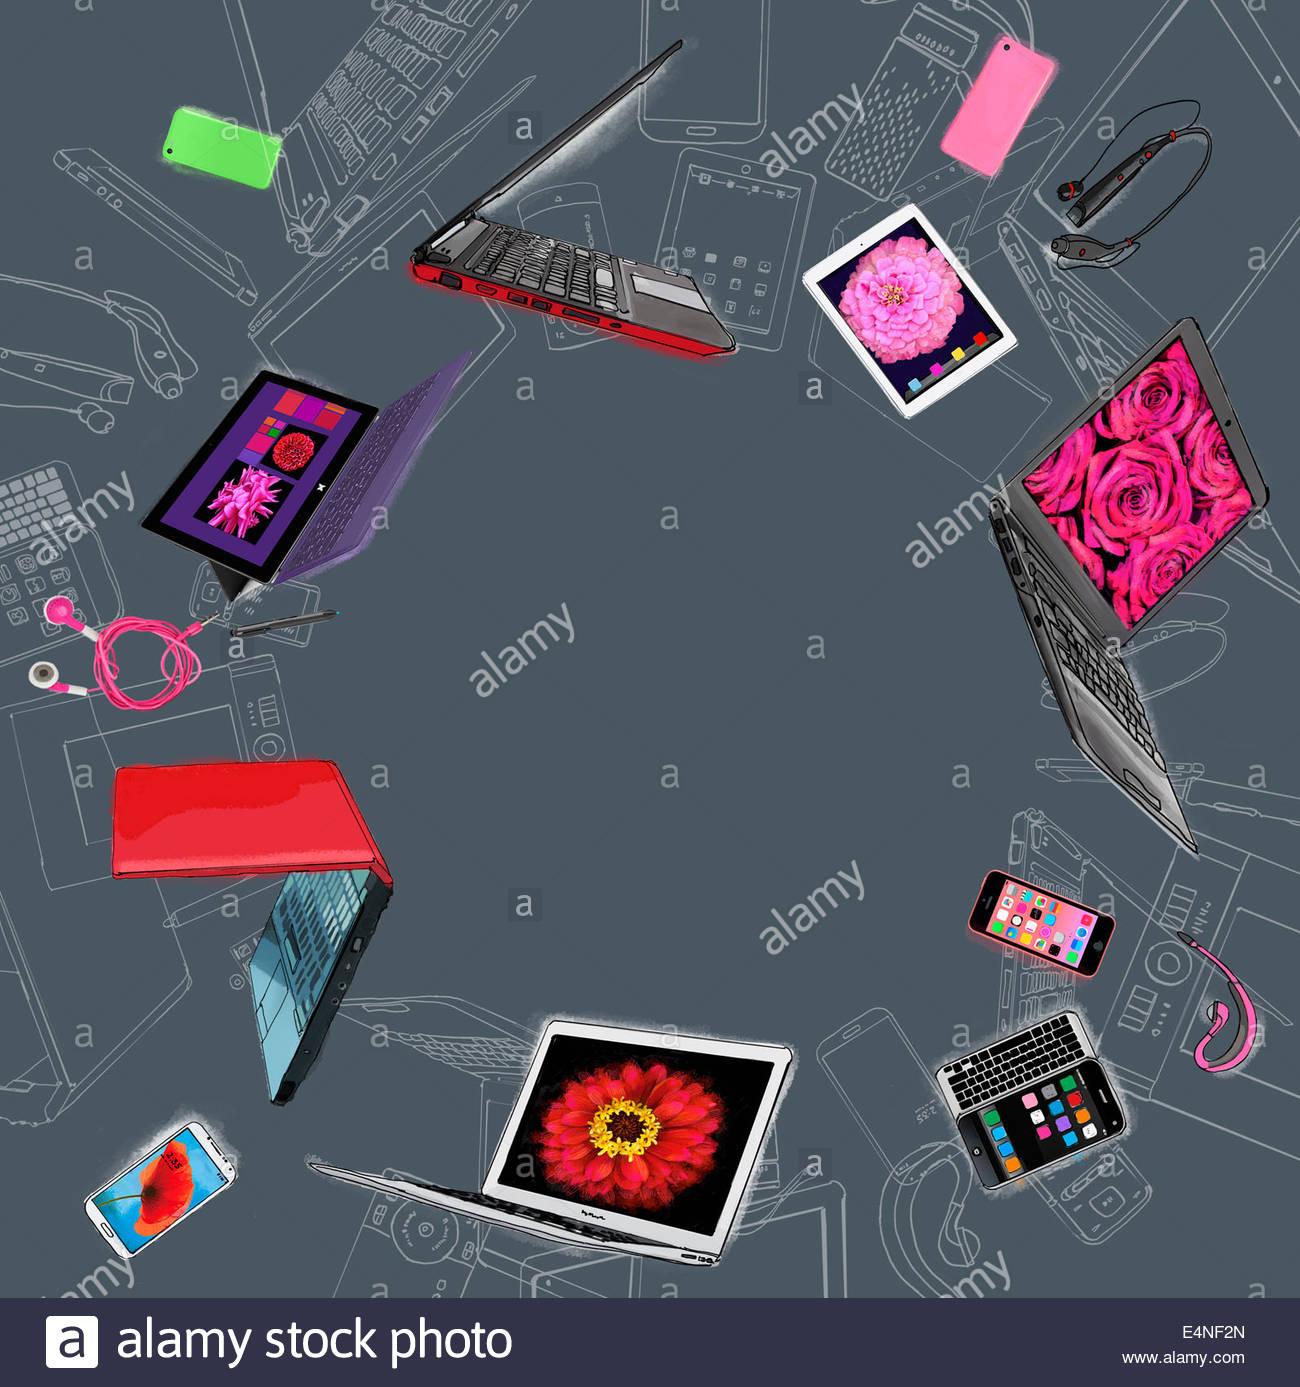 Gama de móvil hi-tech de dispositivos de comunicación y entretenimiento en círculo Imagen De Stock